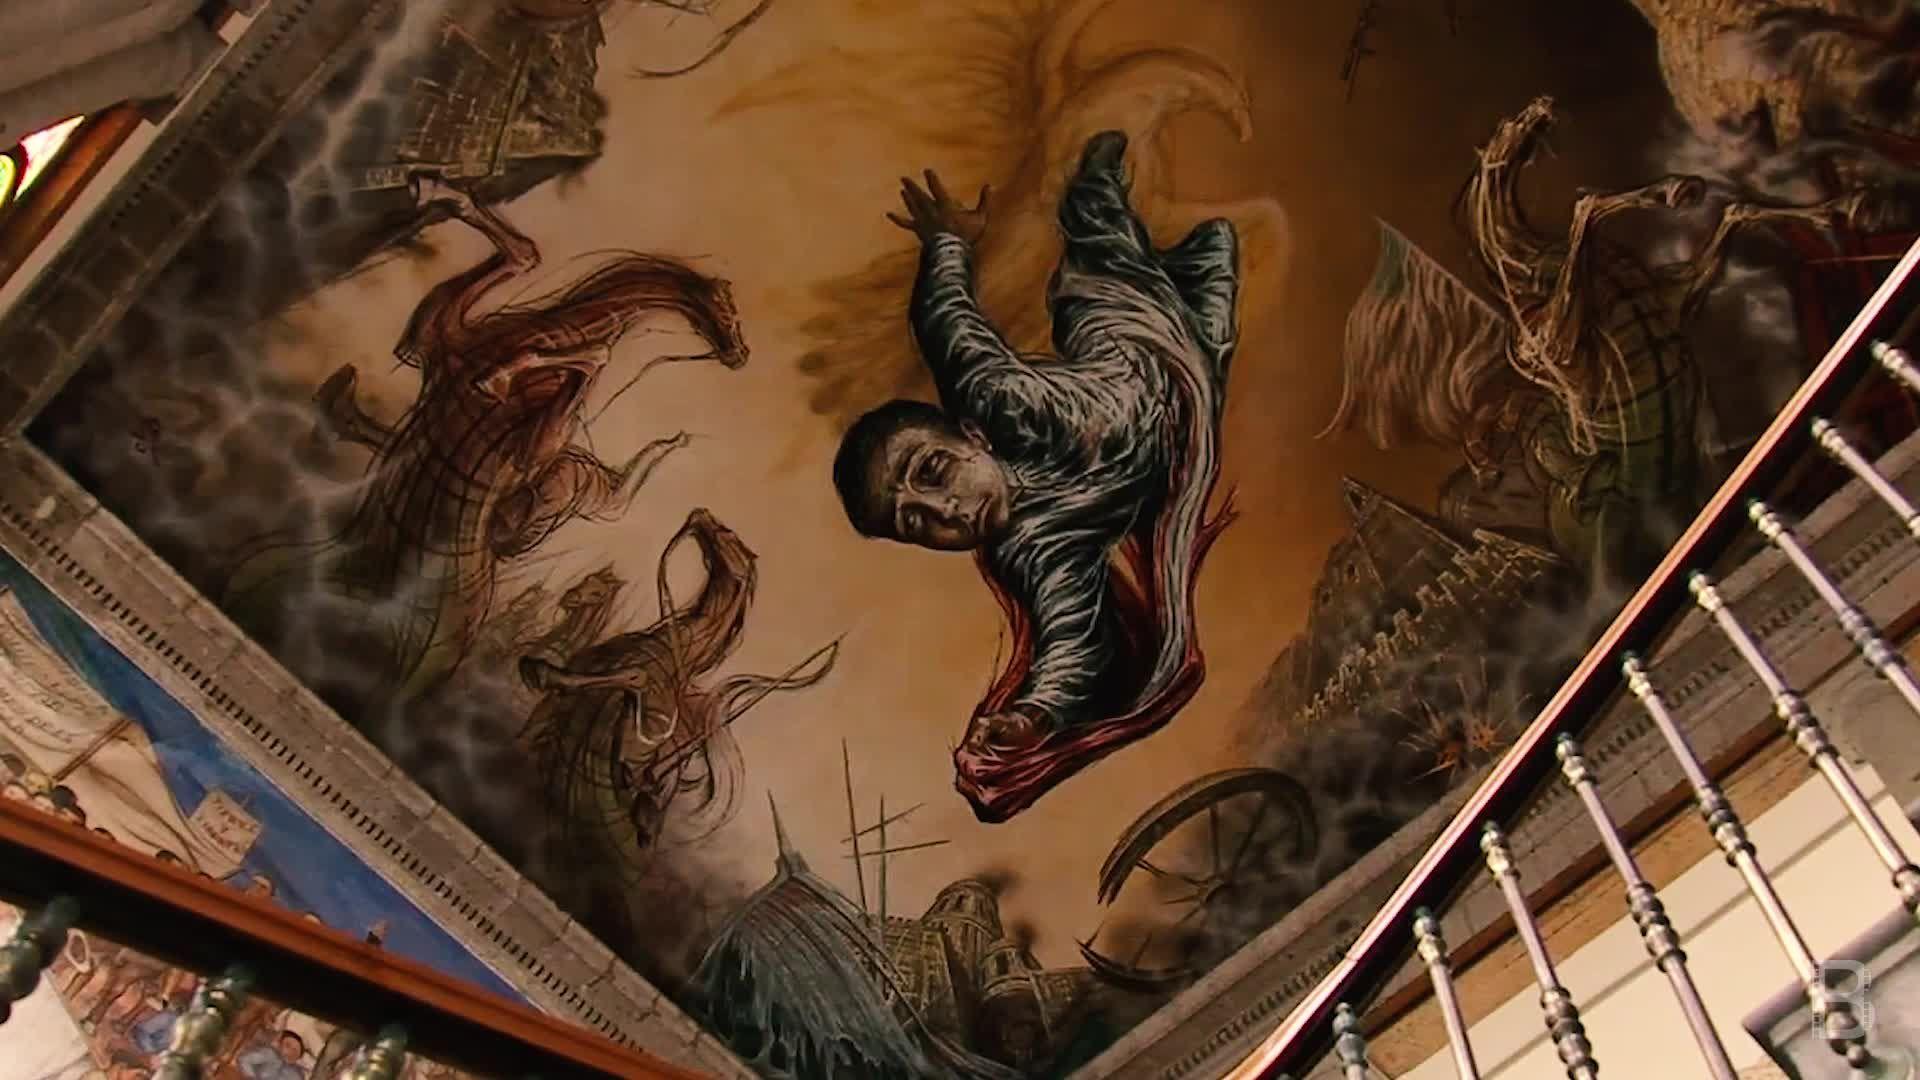 BELLA Presents: daily bello S1 Ep70 Mural Sacrificio de los niños héroes by Gabriel Flores at Castillo de Chapultepec